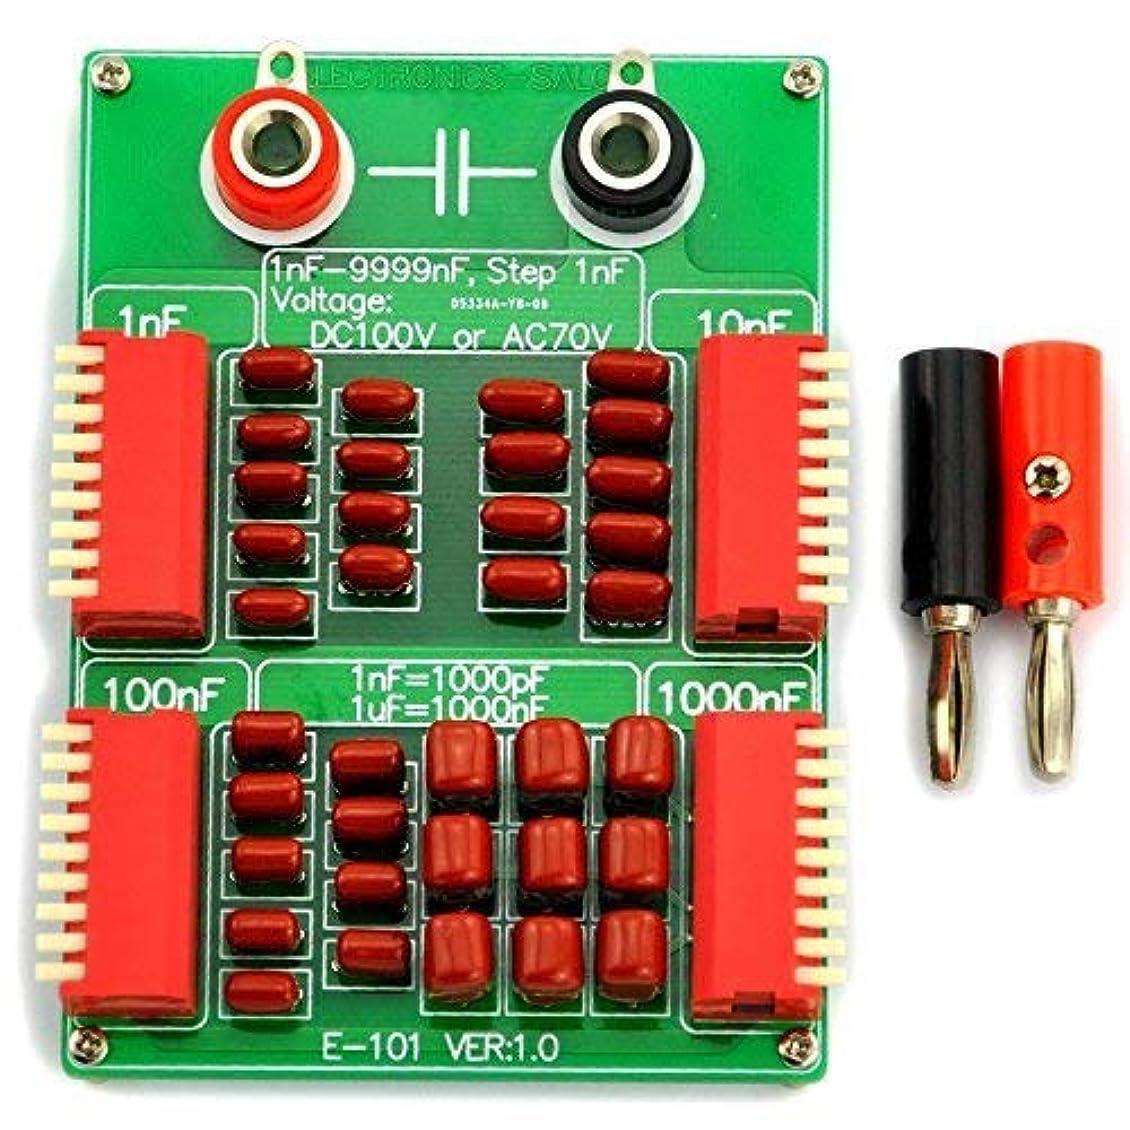 シンポジウムムスビーチElectronics-Salon 9999nfステップ-1nF 4十年 プログラム可能なコンデンサ?ボードに1nF